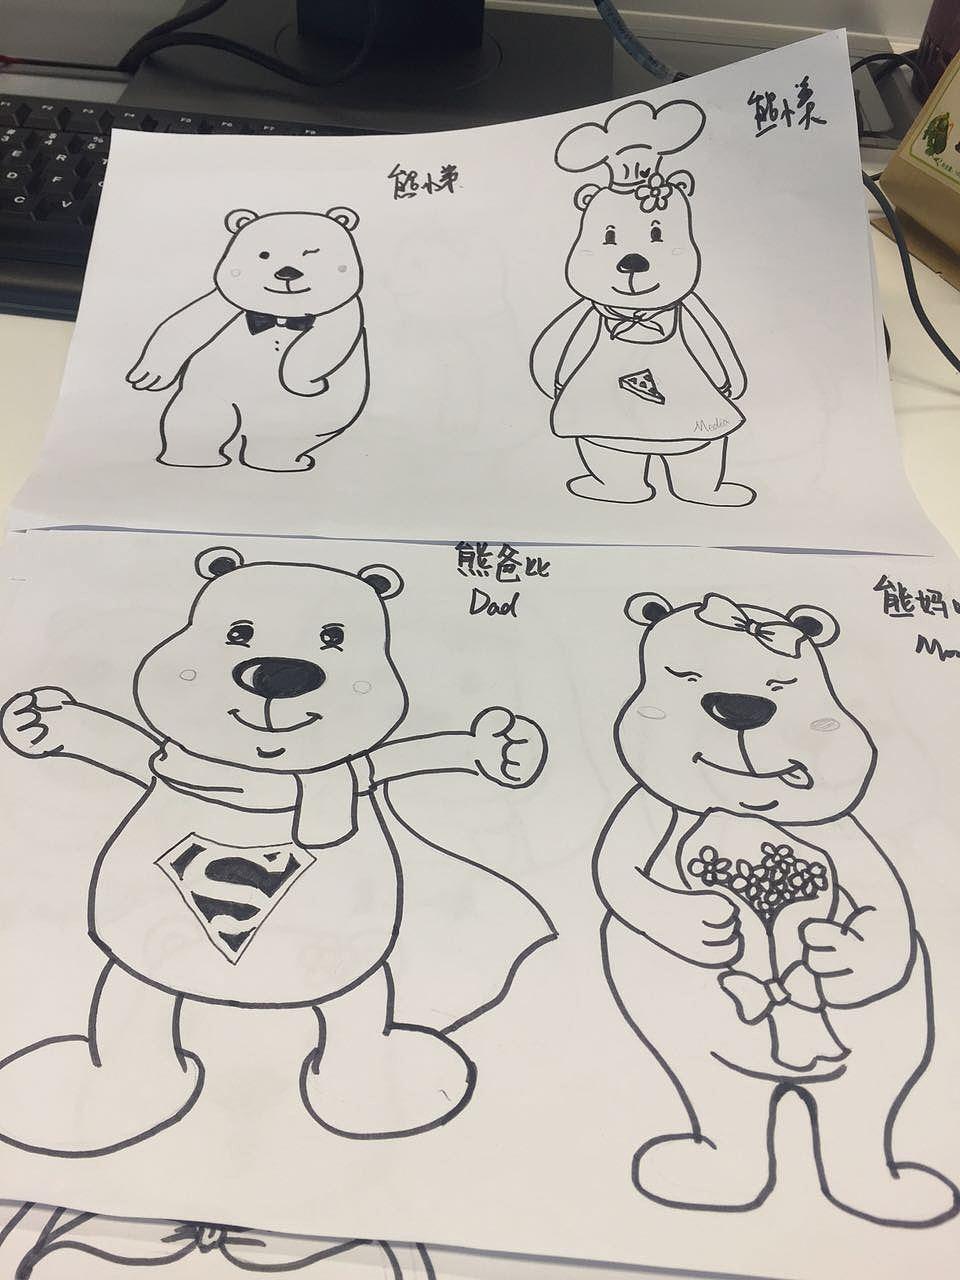 妈妈超人妈妈手绘